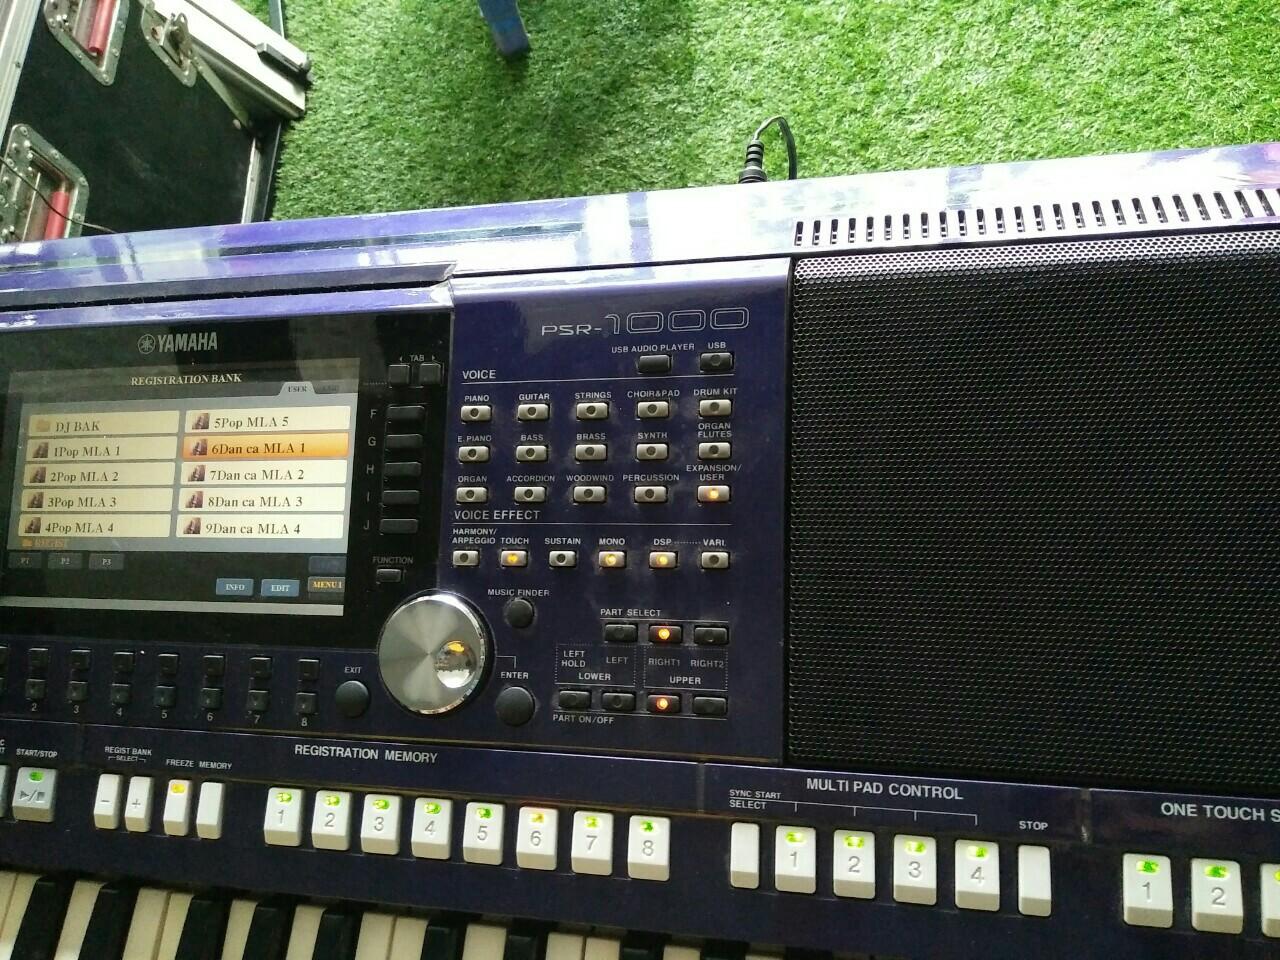 đàn organ Yamaha PSP 1000